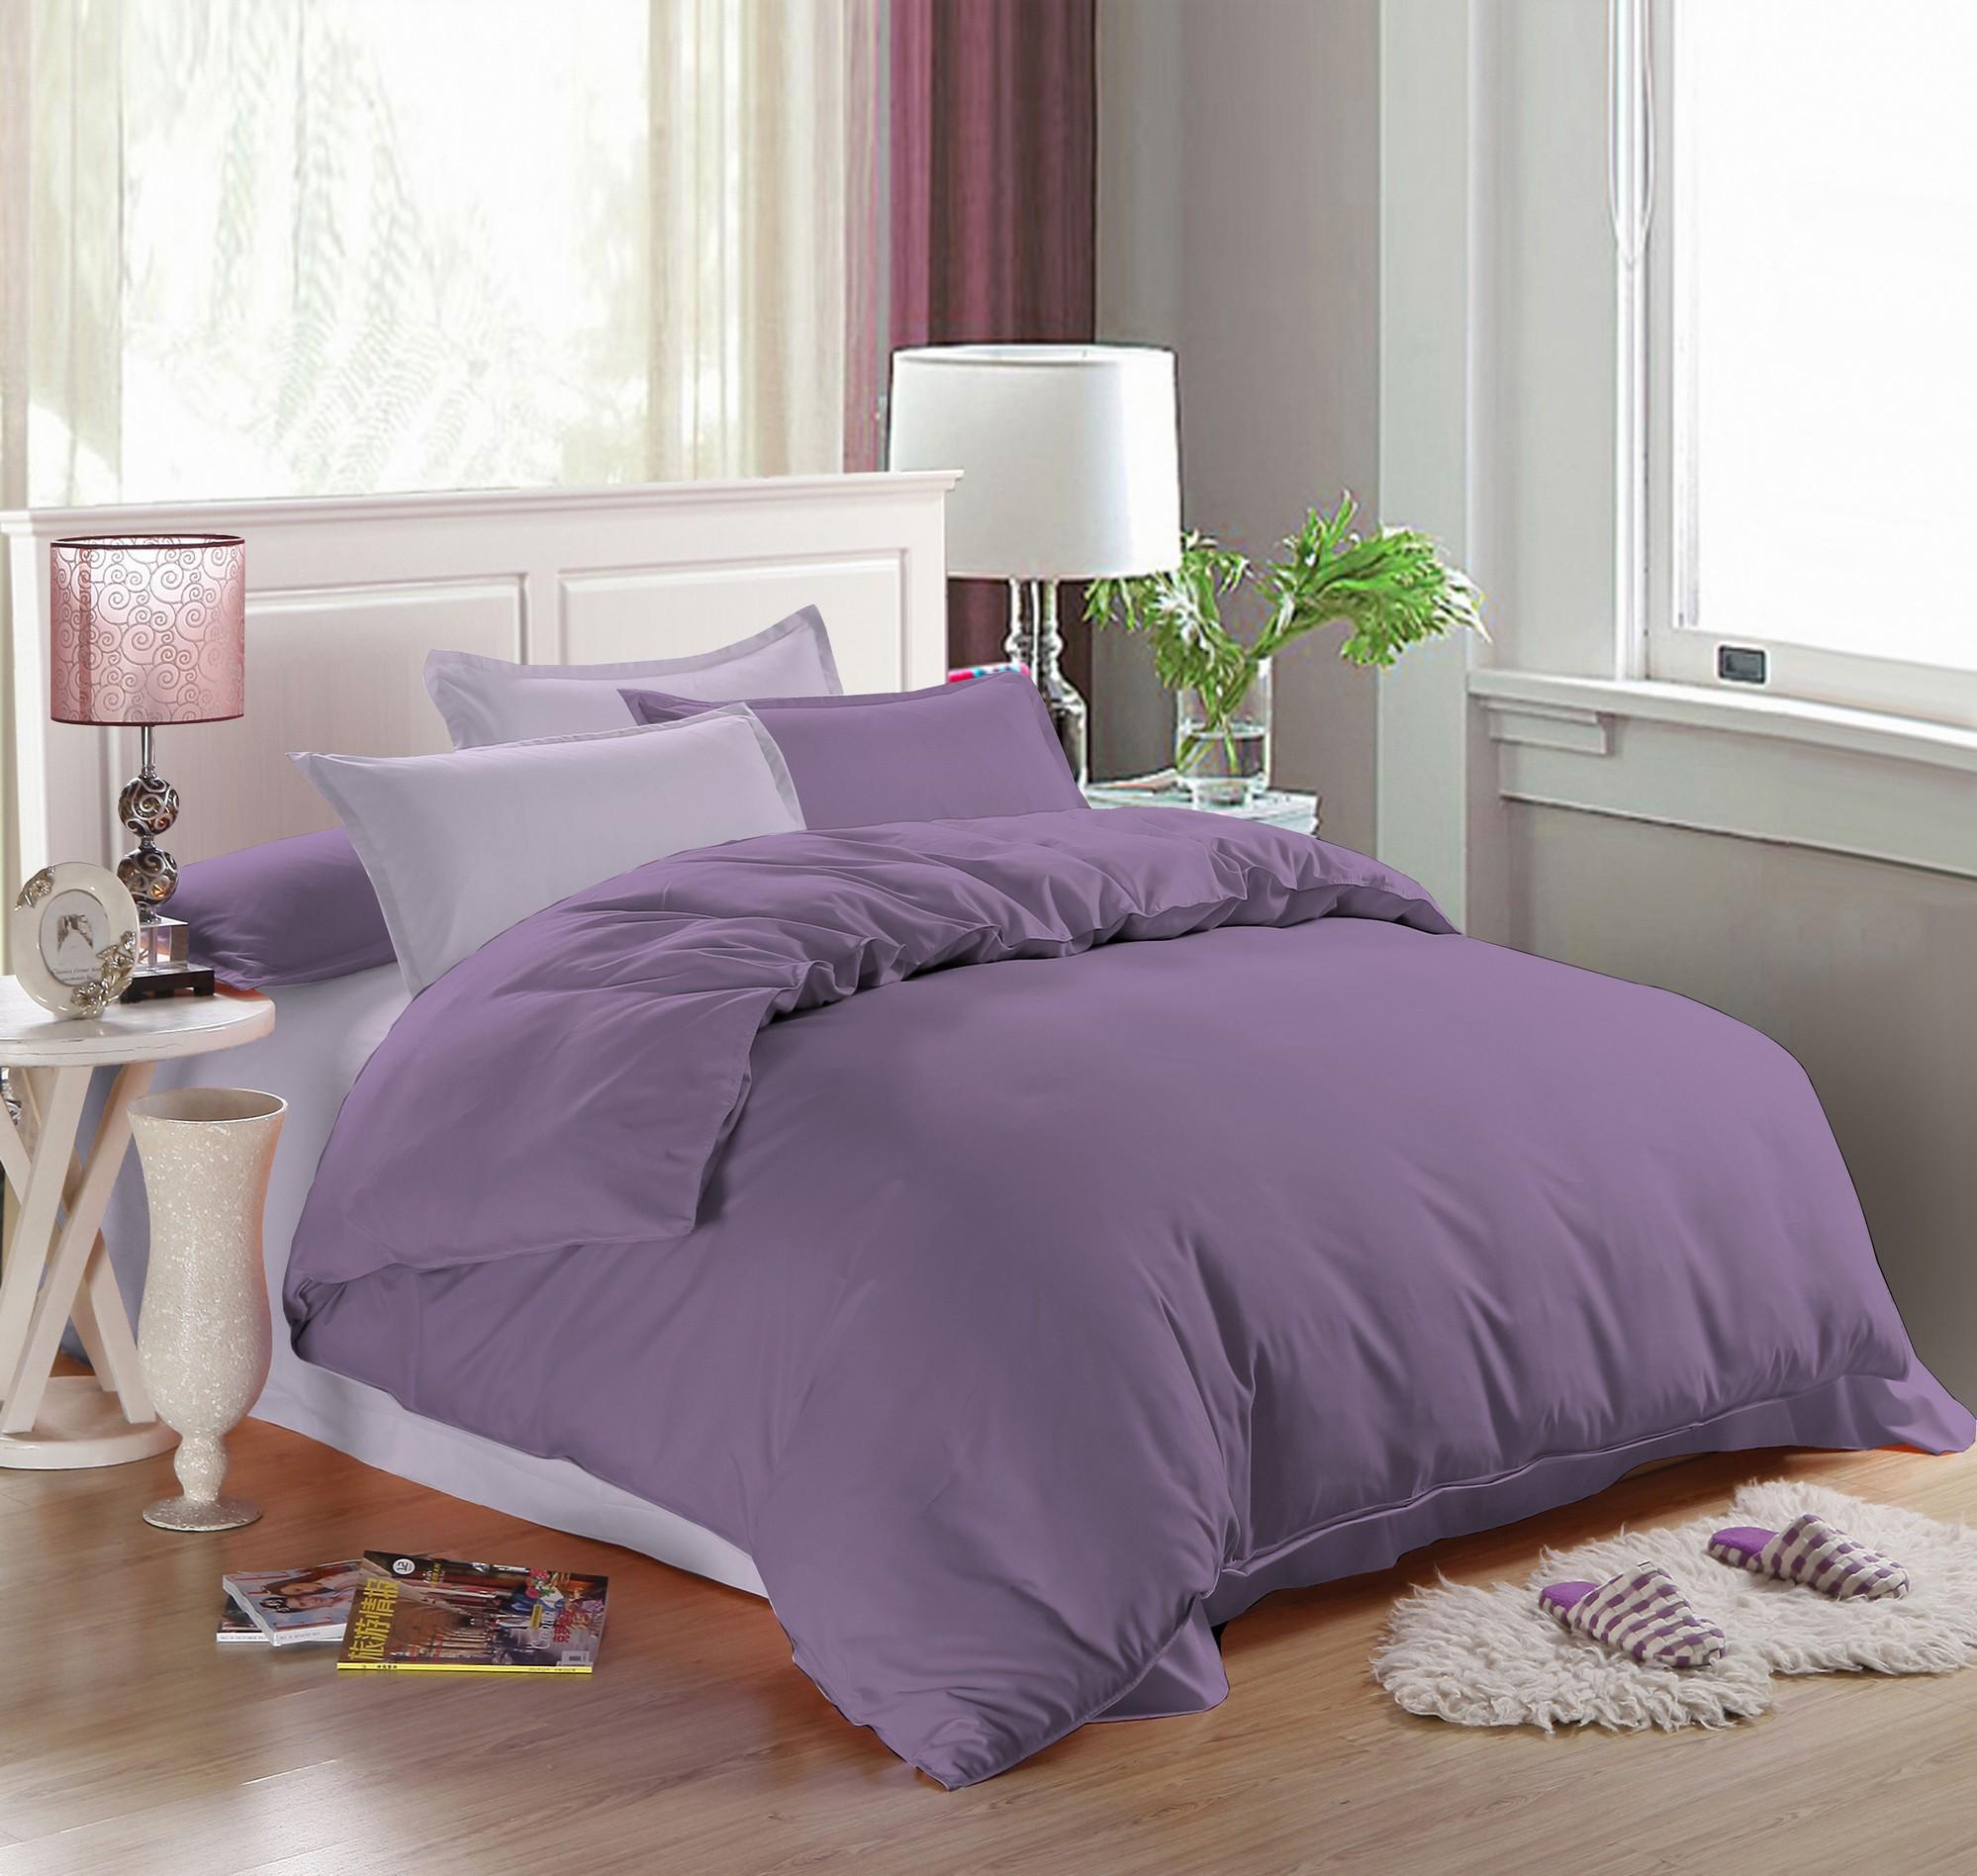 Комплекты постельного белья Amore Mio amm679545